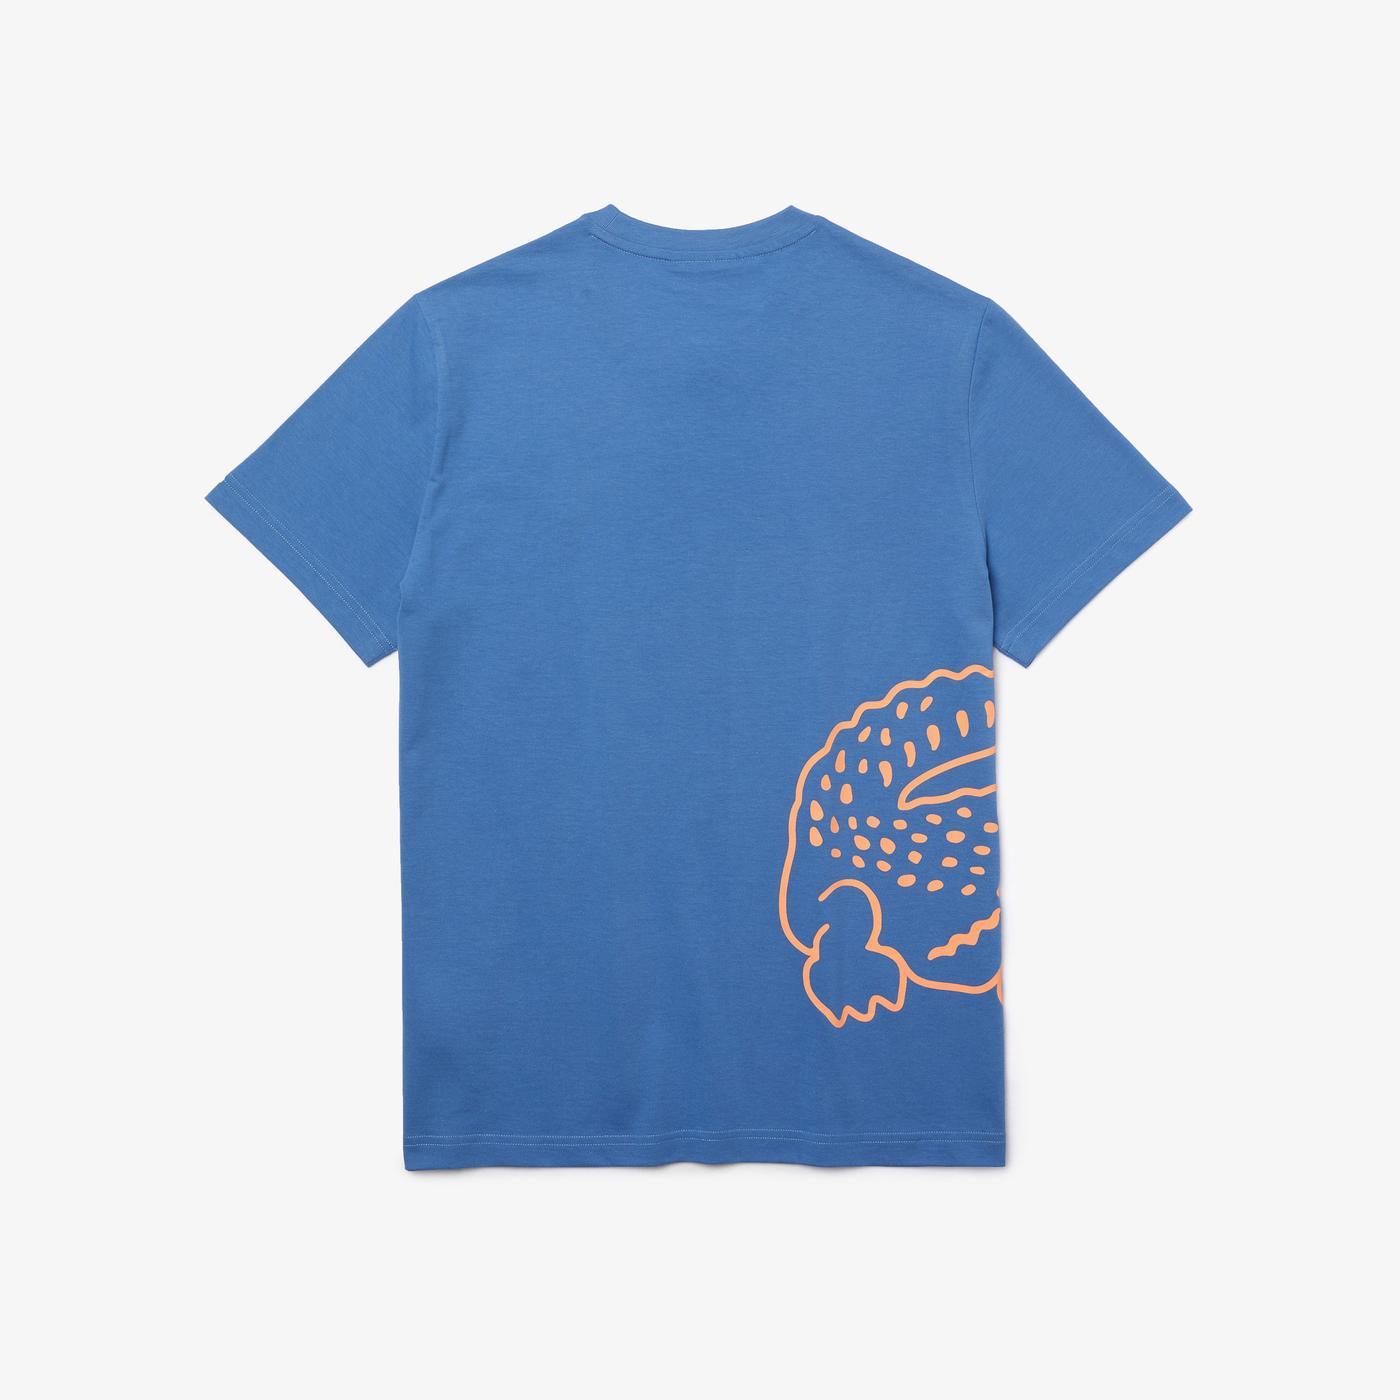 Lacoste Erkek Baskılı Mavi T-Shirt